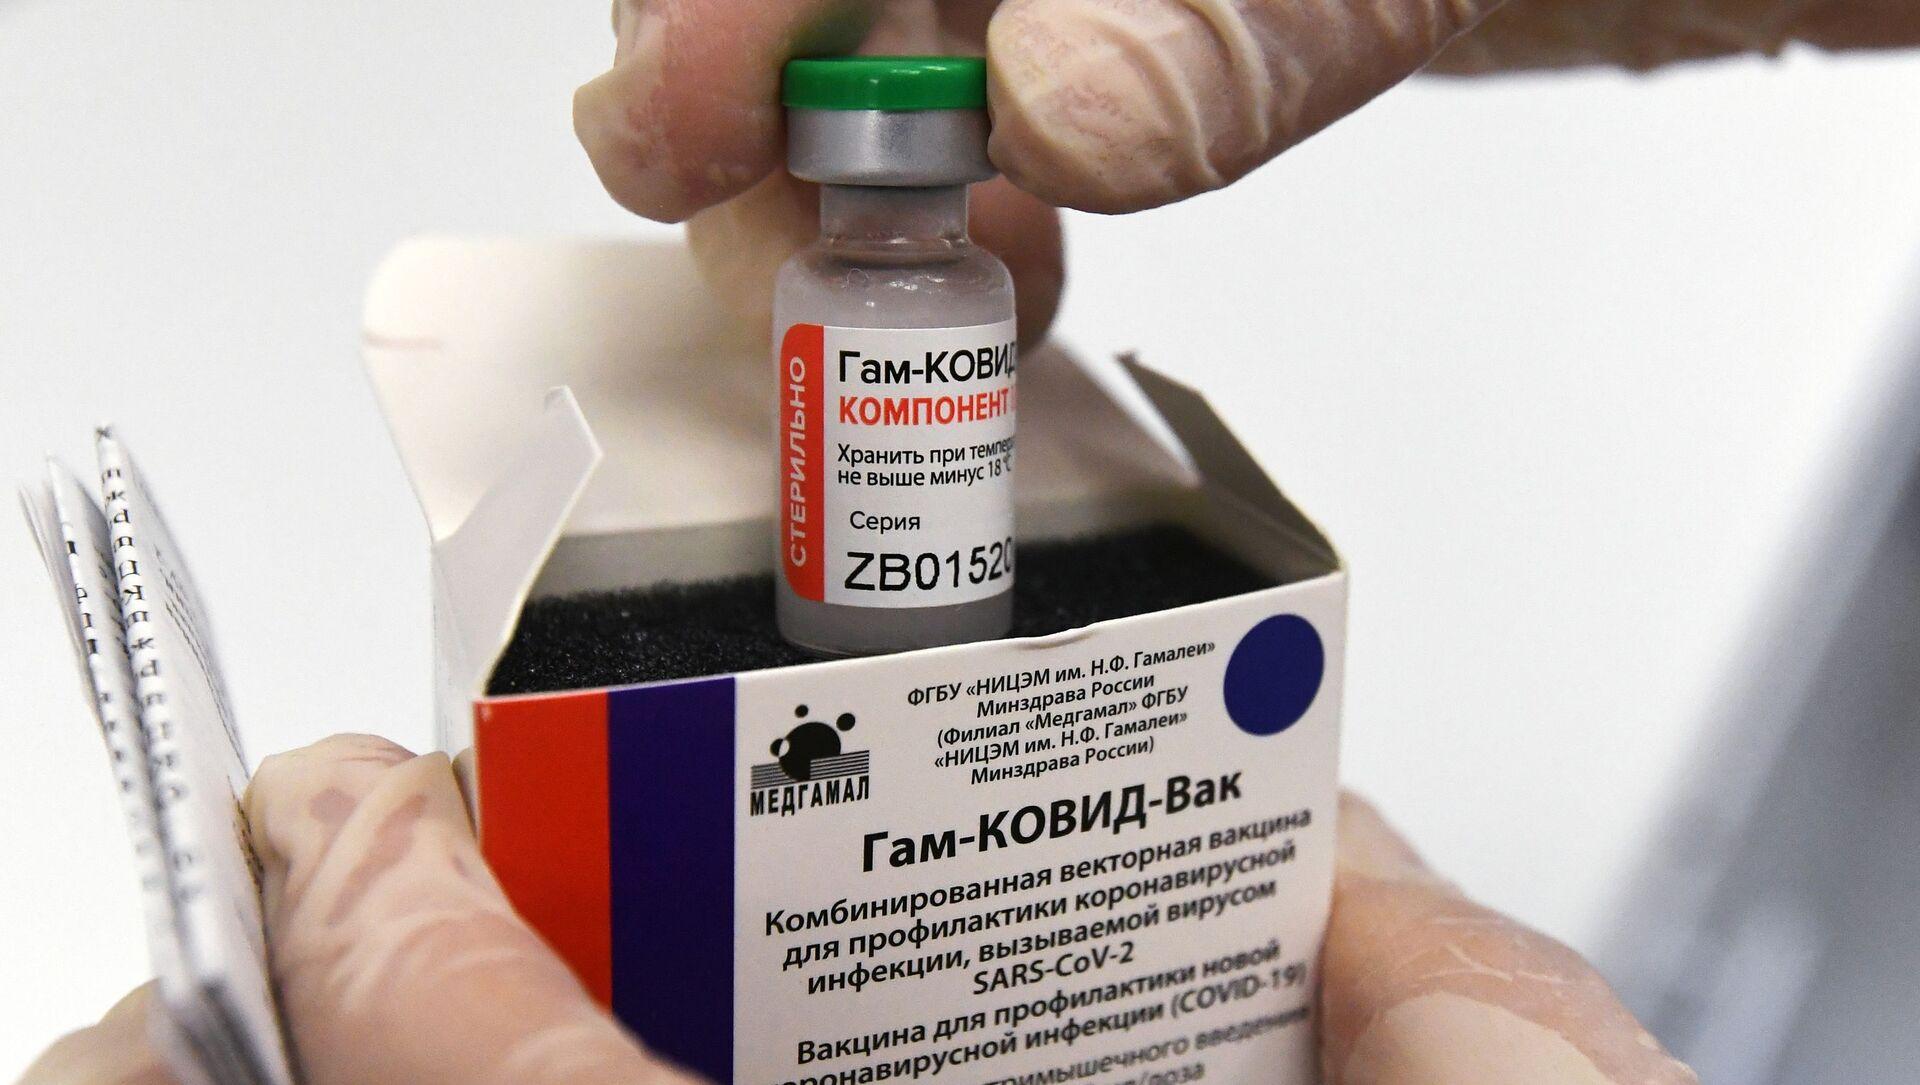 """Pielęgniarka wyciąga ampułkę ze szczepionką przeciwko COVID-19 """"Sputnik V"""" (""""Gam-COVID-Vac"""") w celu zaszczepienia - Sputnik Polska, 1920, 12.02.2021"""